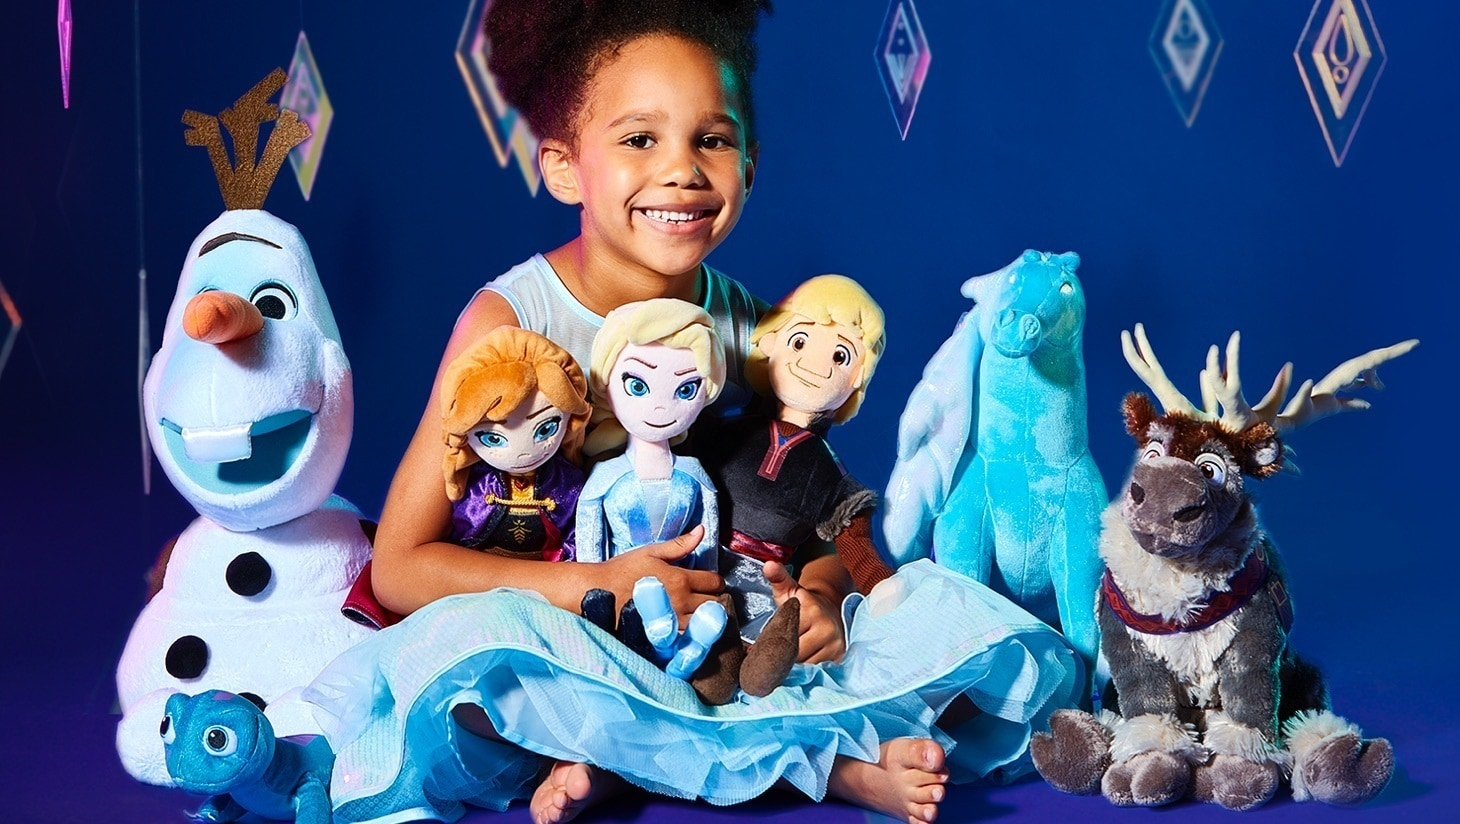 Fille portant une robe La Reine des Neiges tenant une peluche inspirée La Reine des Neiges